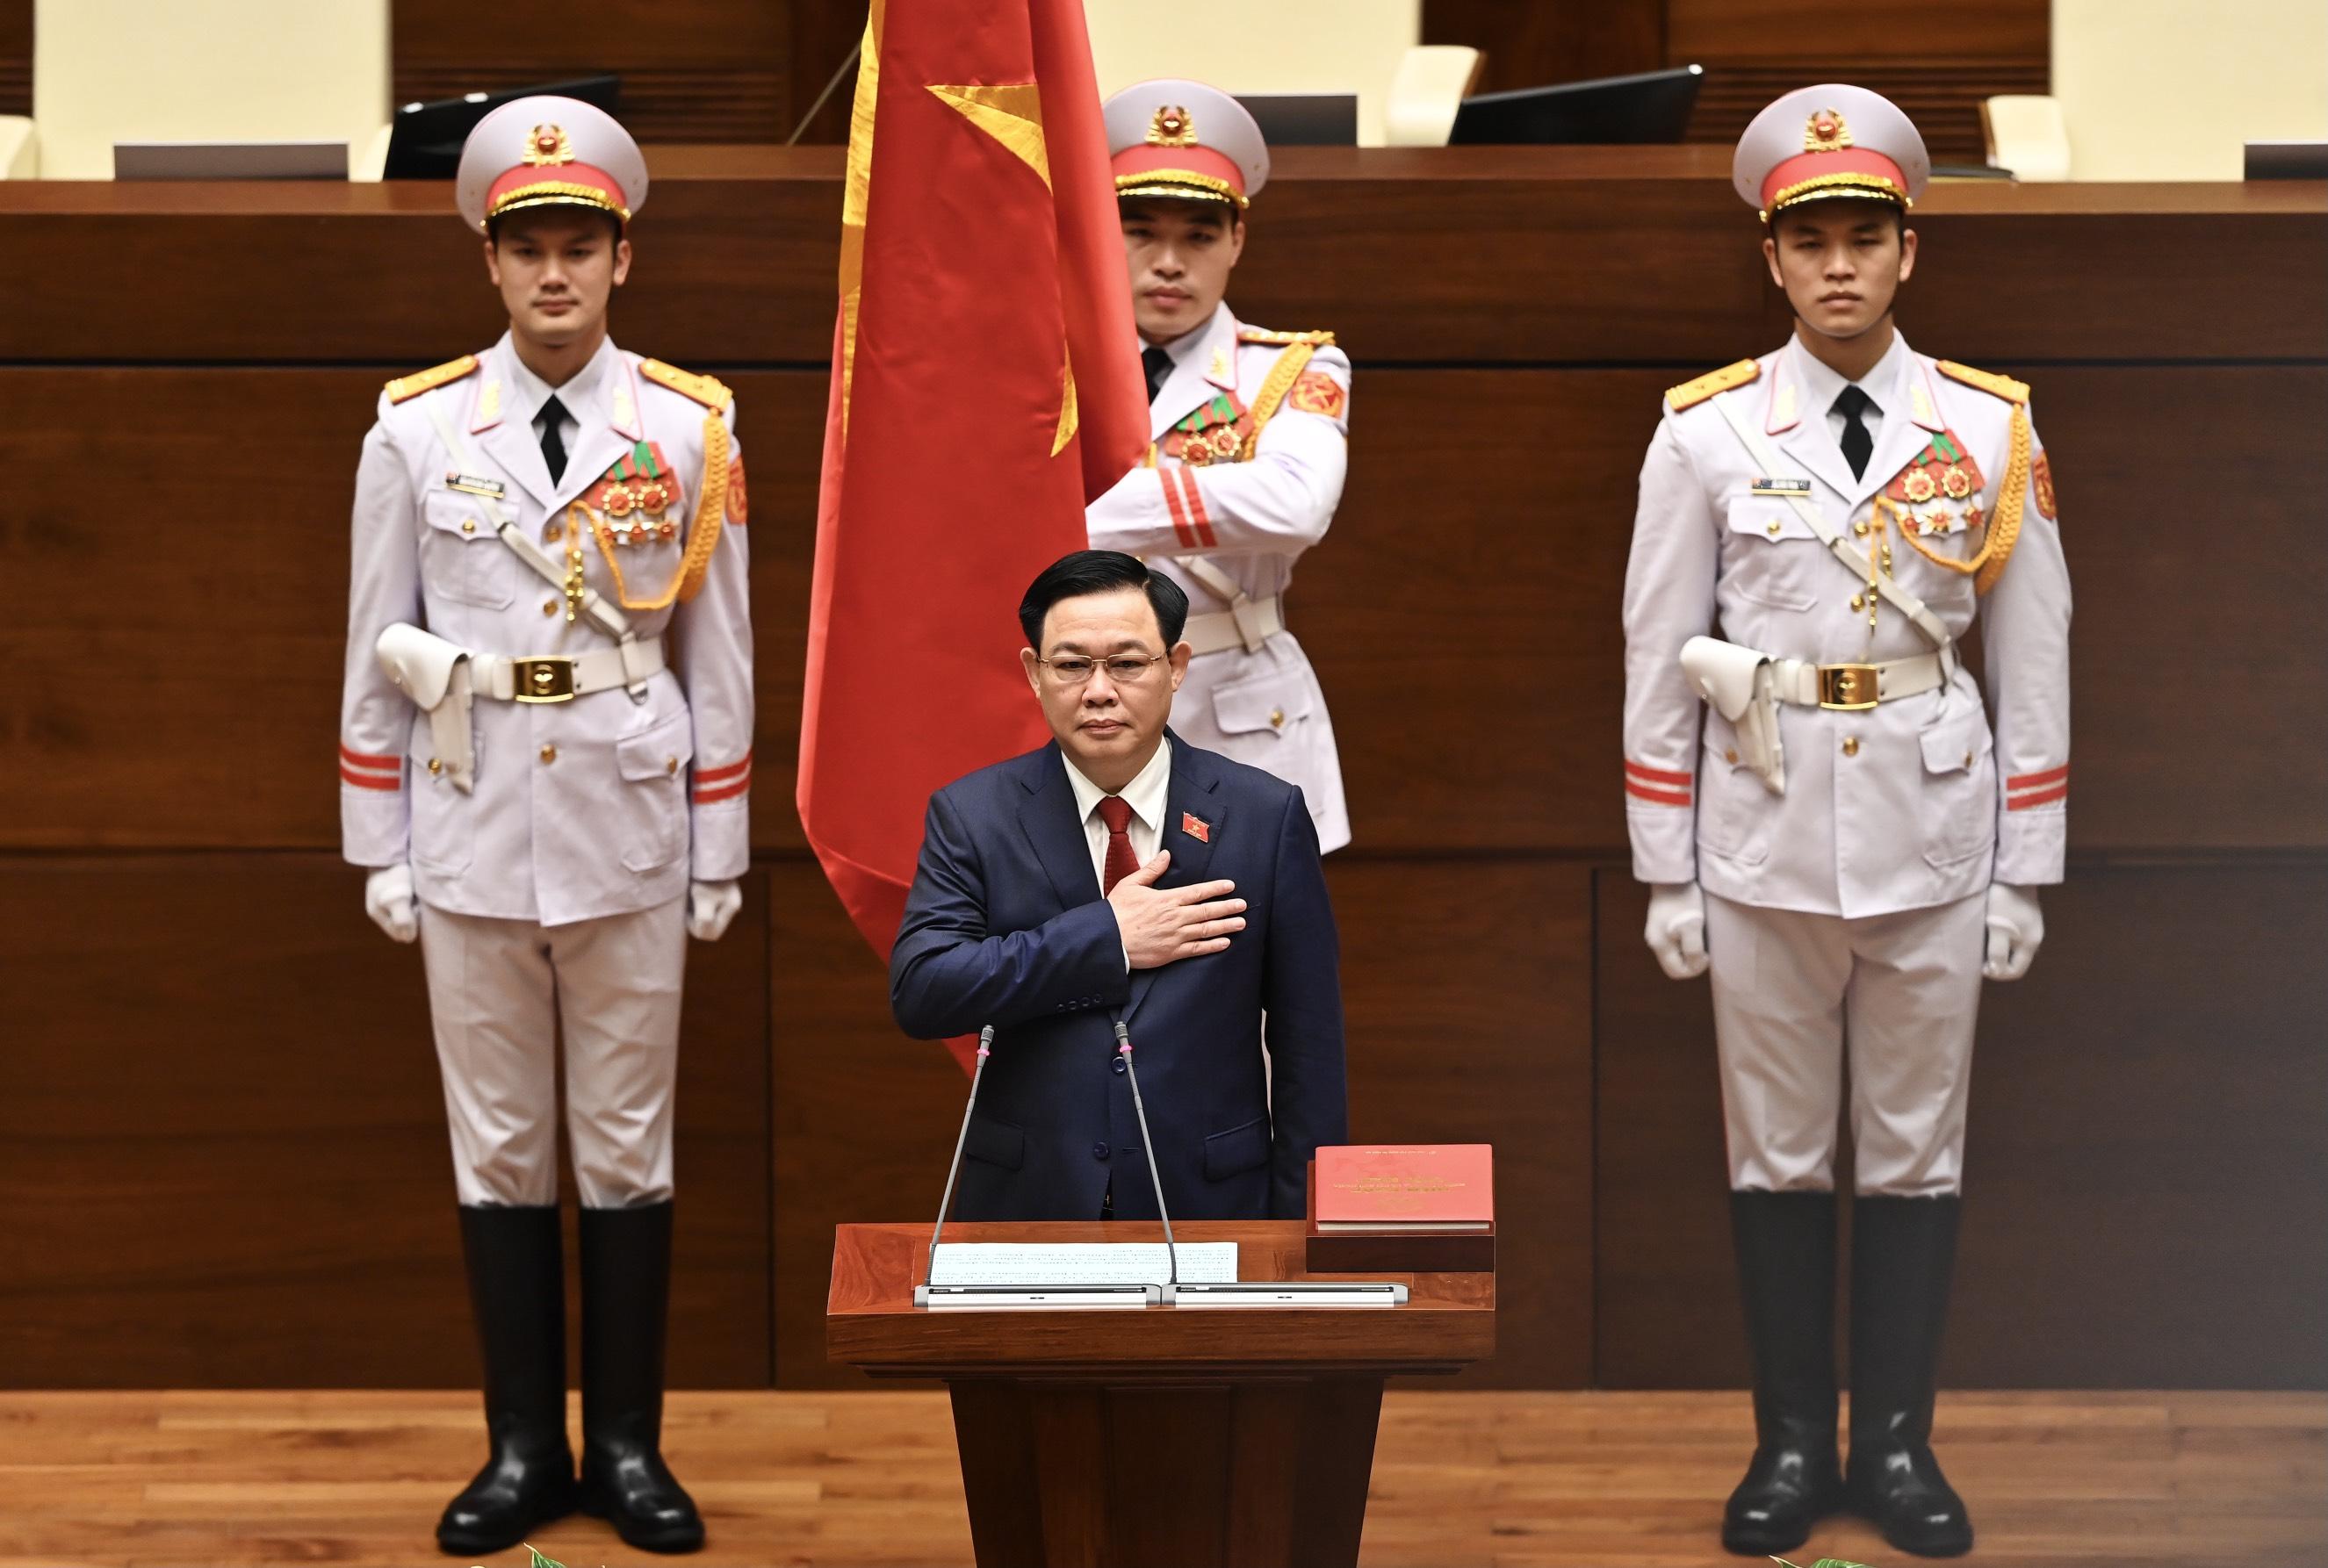 Chùm ảnh: Tân Chủ tịch Quốc hội tuyên thệ nhậm chức, điều hành phiên họp - Ảnh 2